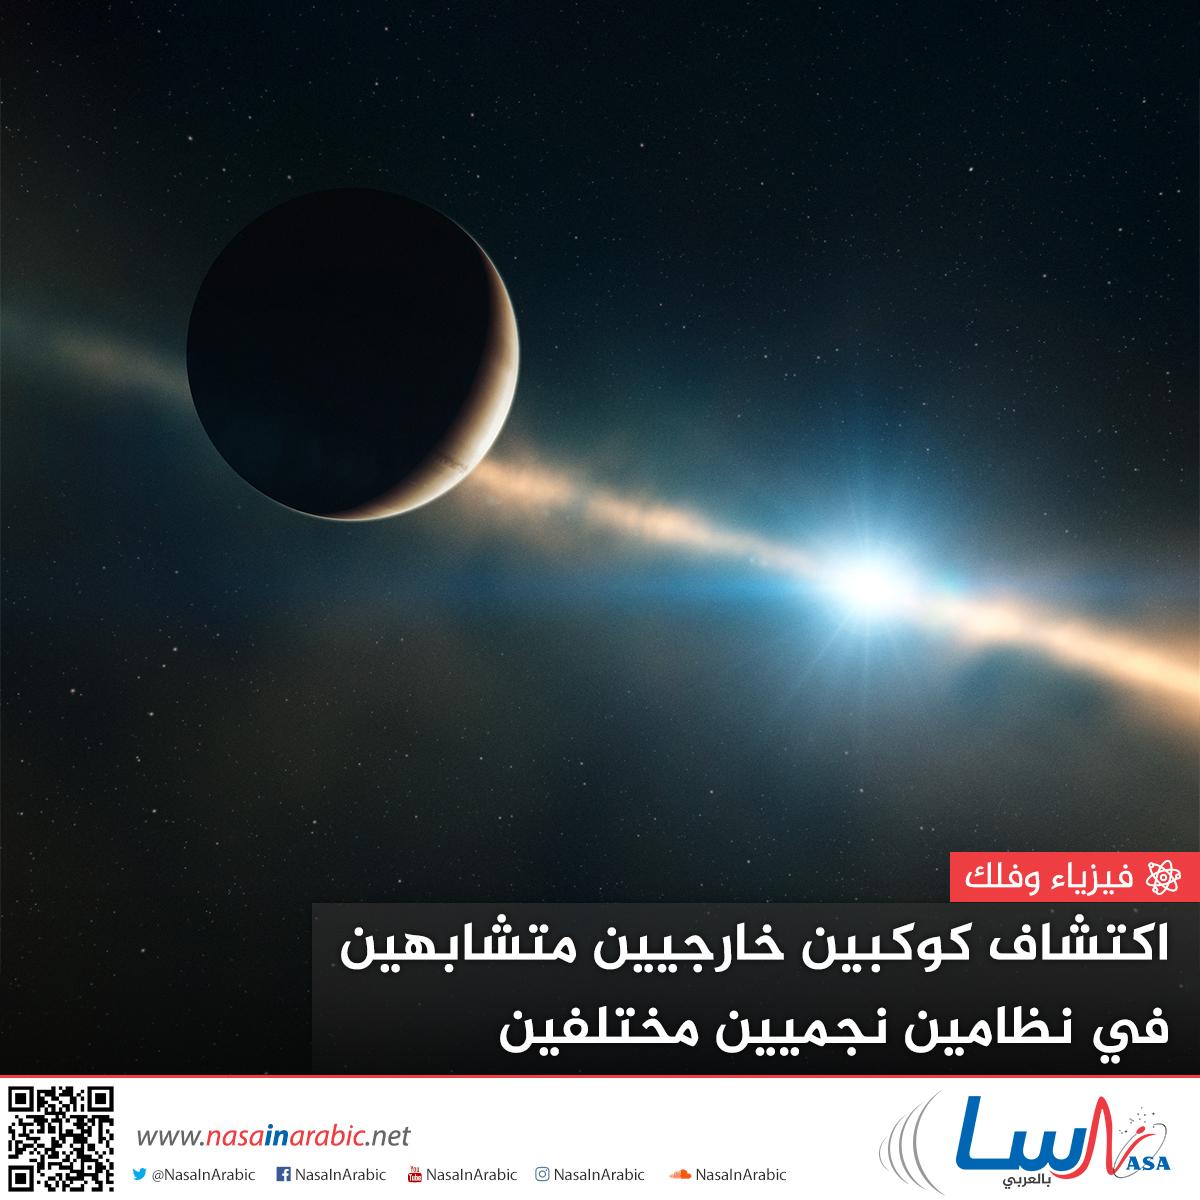 اكتشاف كوكبين خارجيين متشابهين في نظامين نجميين مختلفين